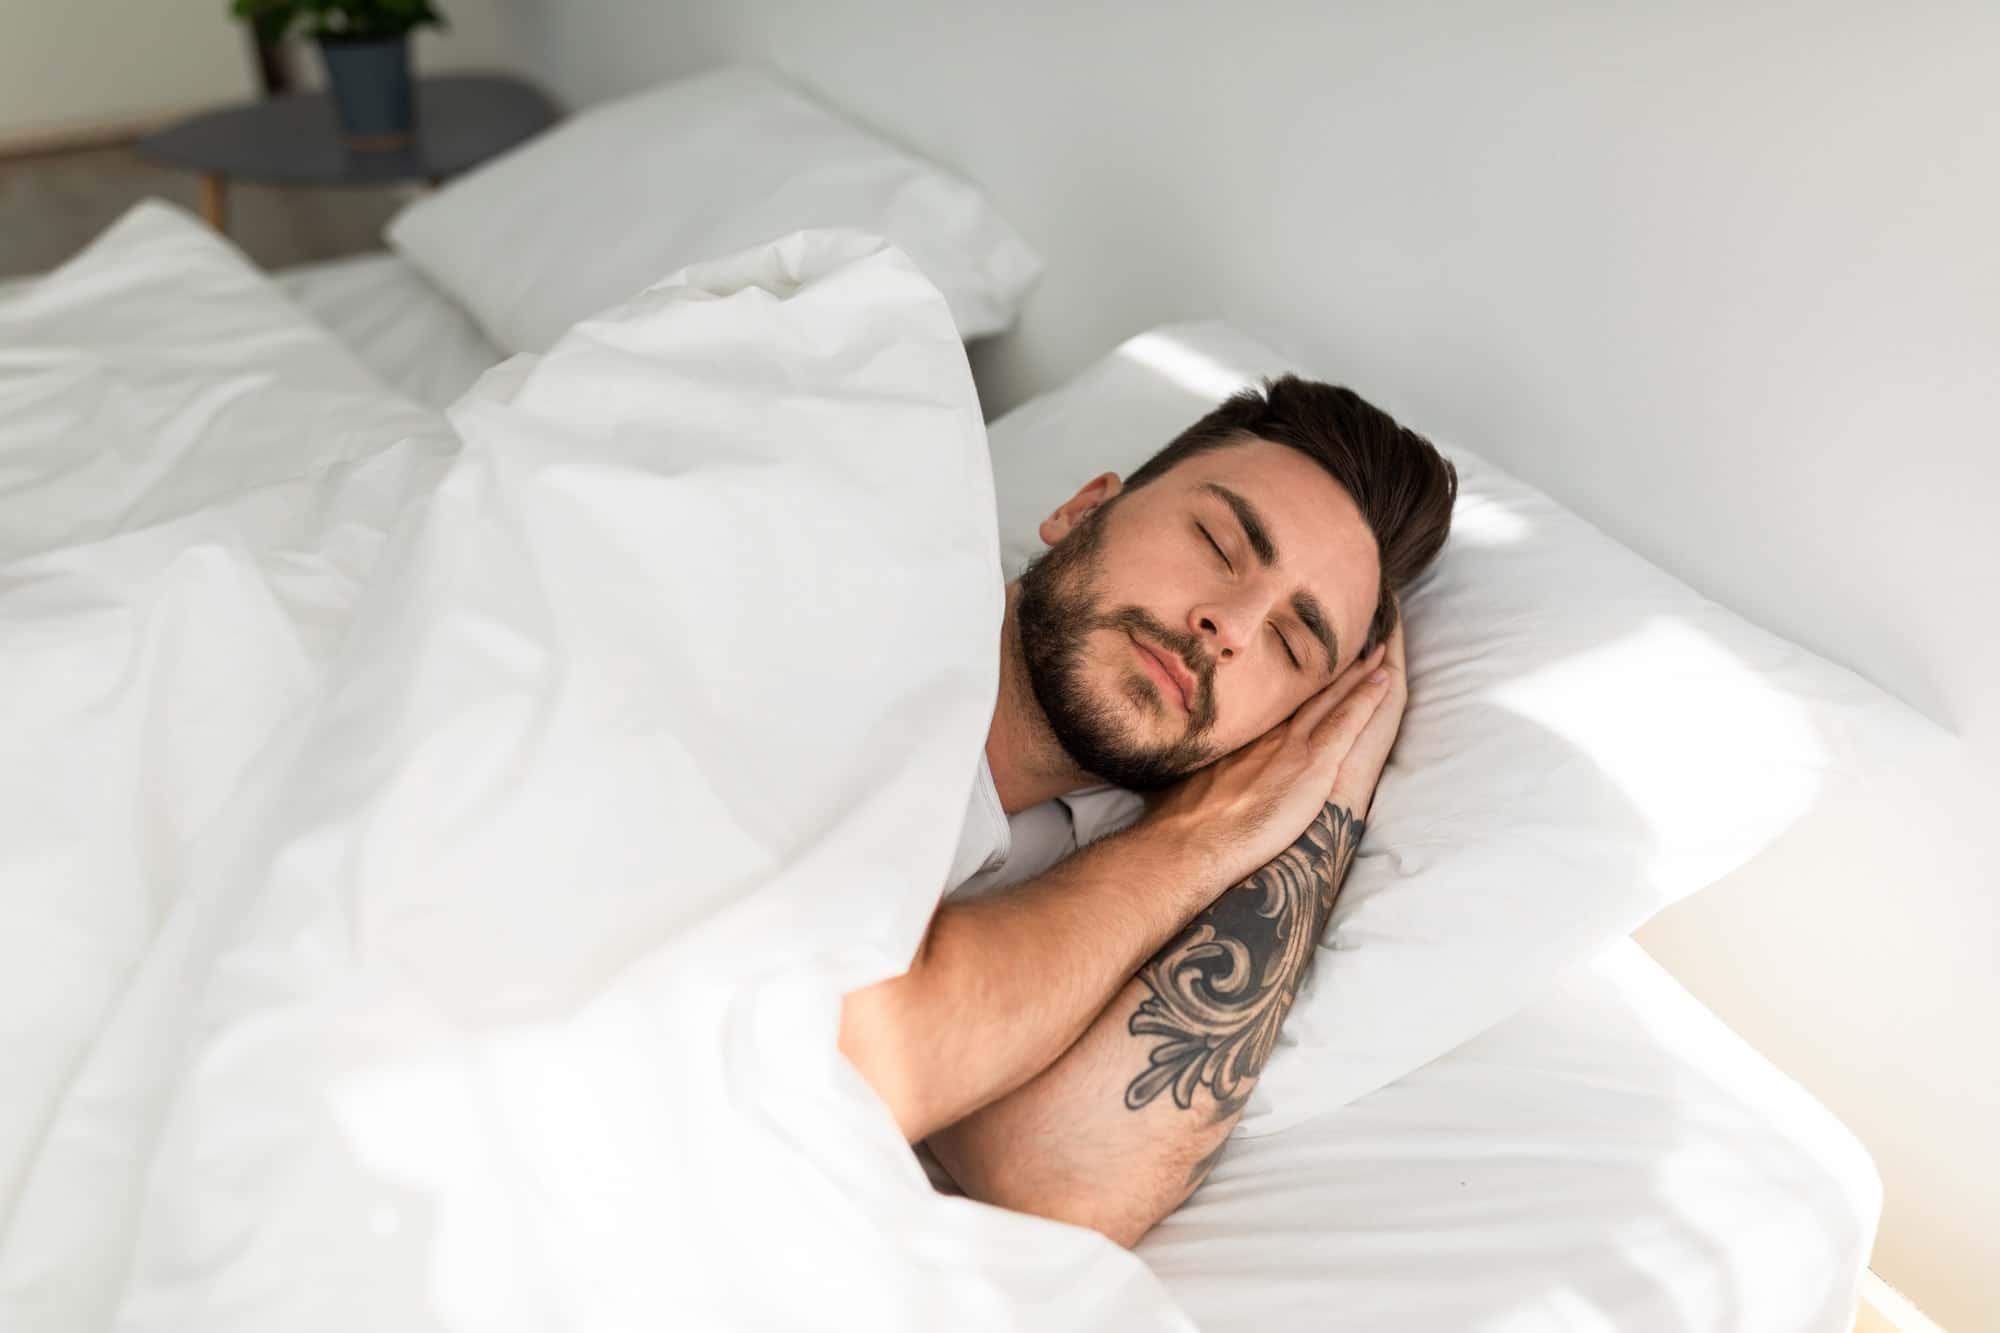 homme tatoué dort dans son lit